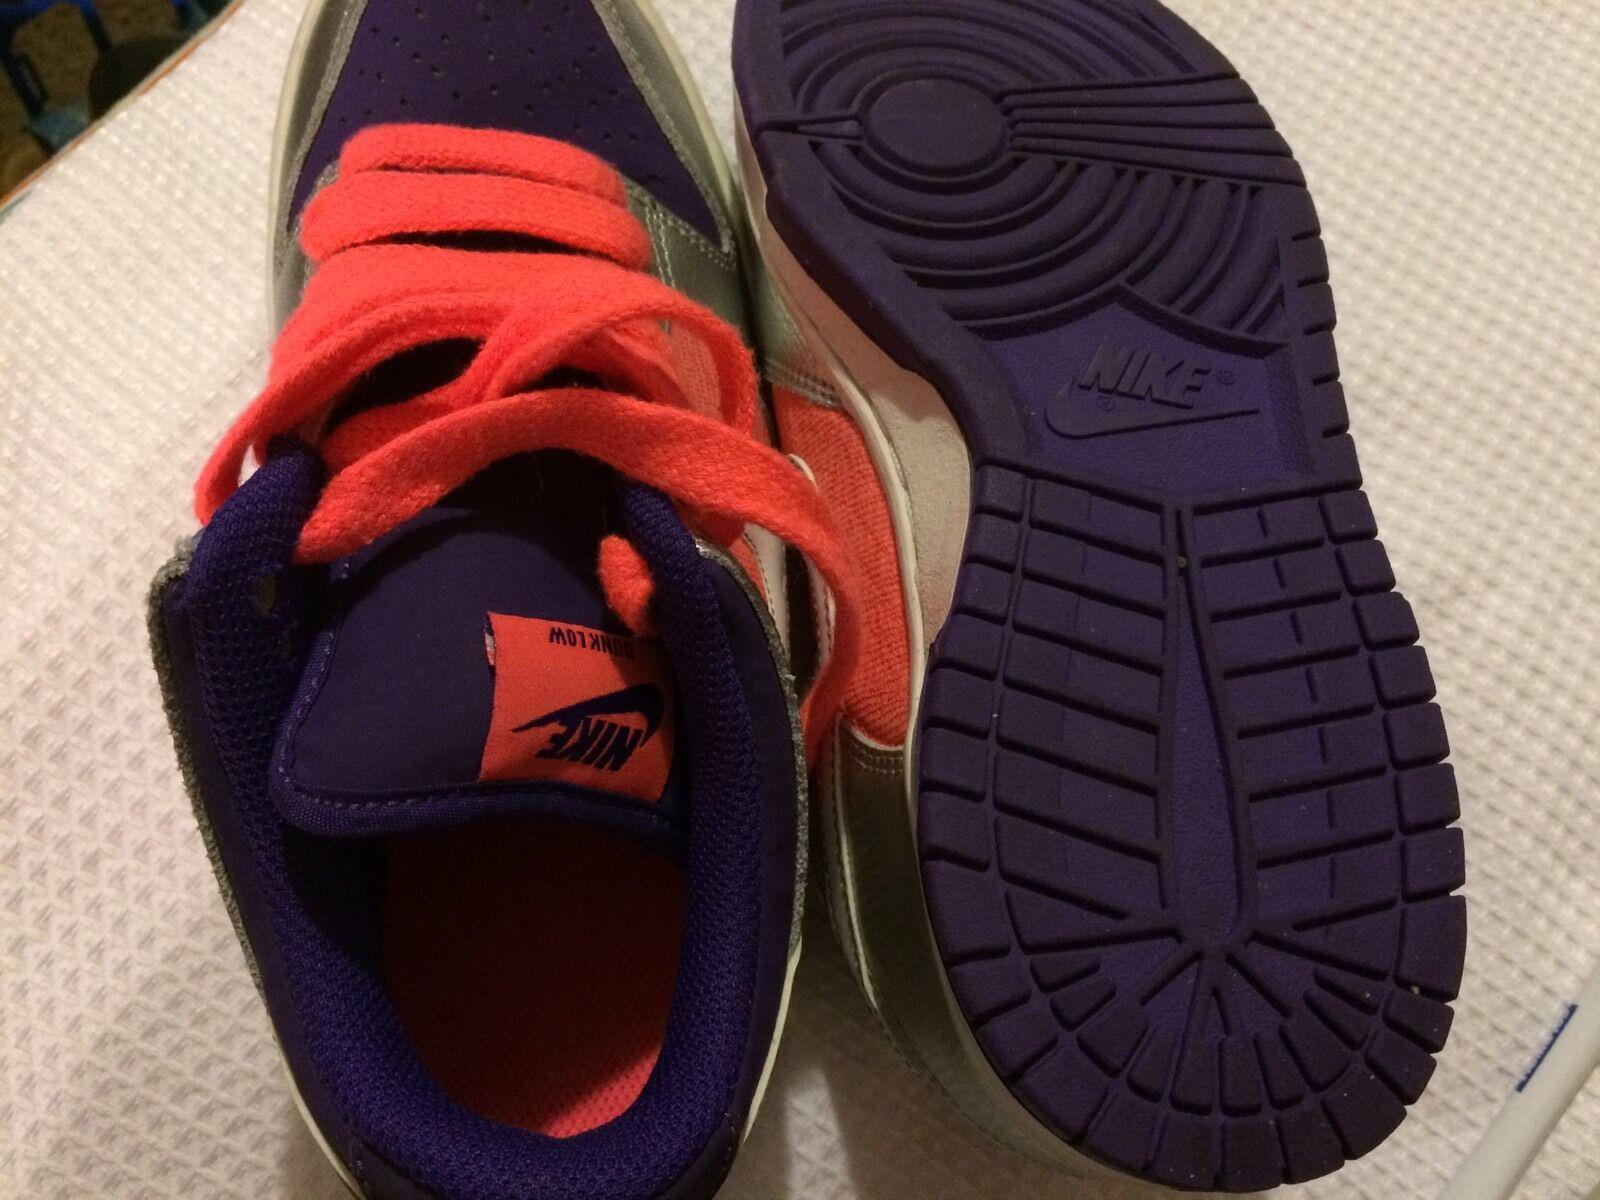 le scarpe nike nike nike numero 6 | diversità  | moderno  | Le vendite online  | Scolaro/Signora Scarpa  | Sig/Sig Ra Scarpa  | Uomo/Donna Scarpa  1e6171